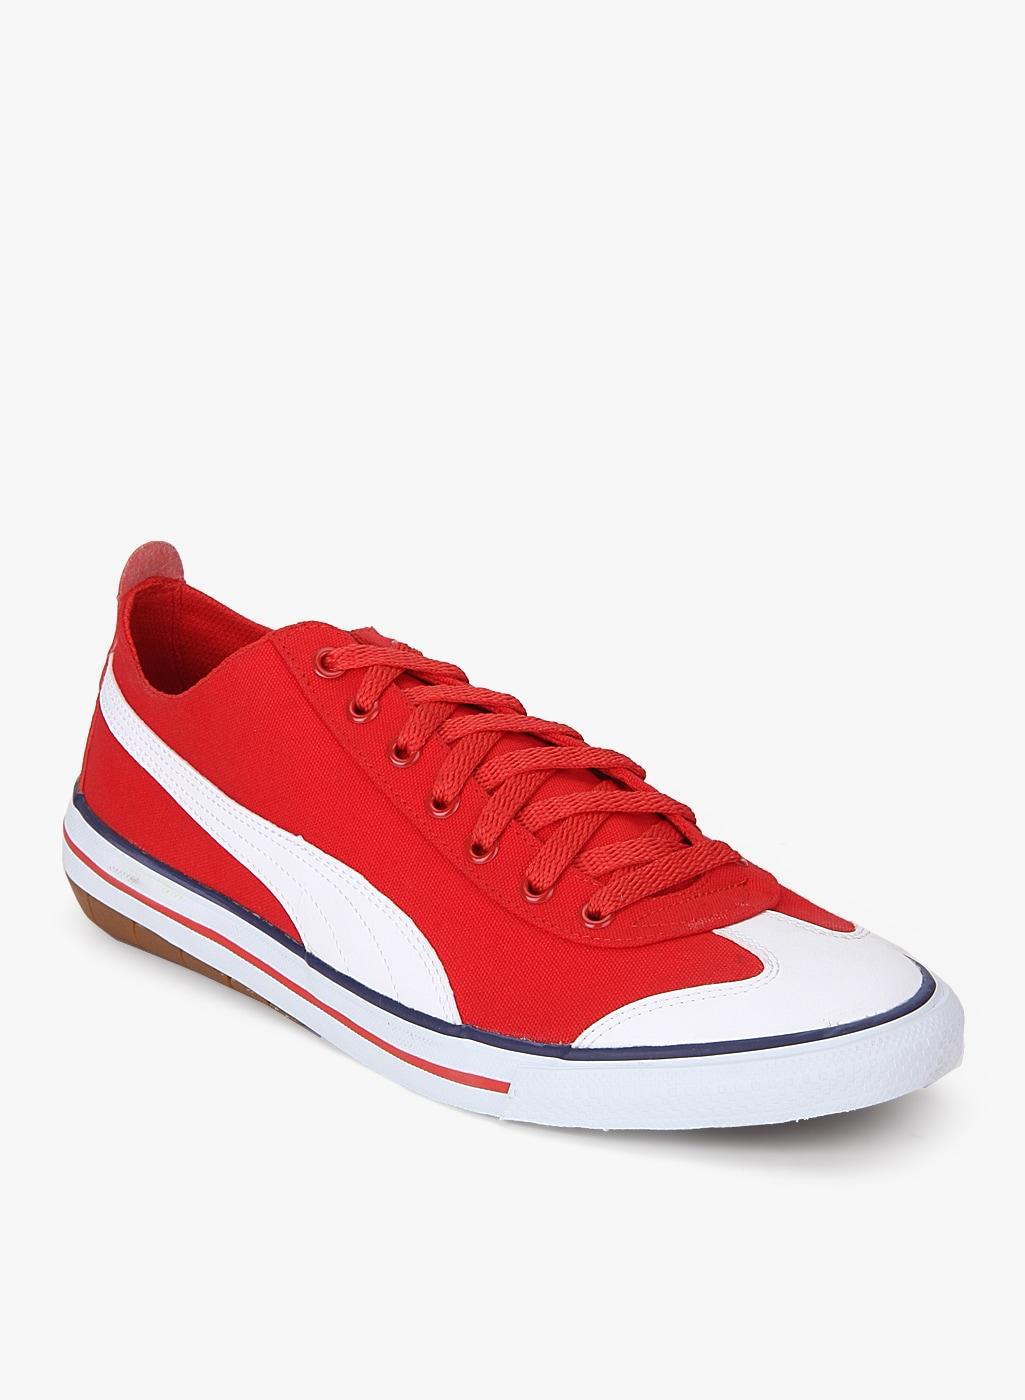 Puma Men 917 Sneakers - Buy Puma Men 917 Sneakers online in India 593f903cf